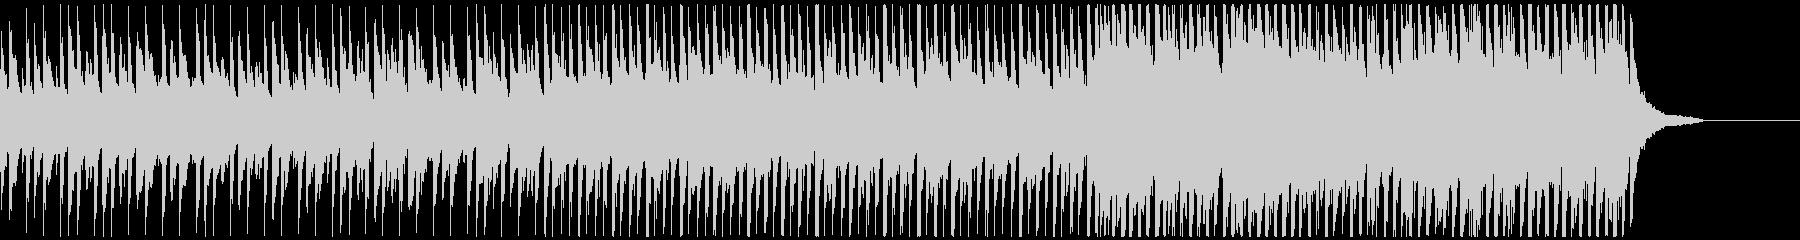 ピアノメインの爽やかで感動的なポップ曲Mの未再生の波形